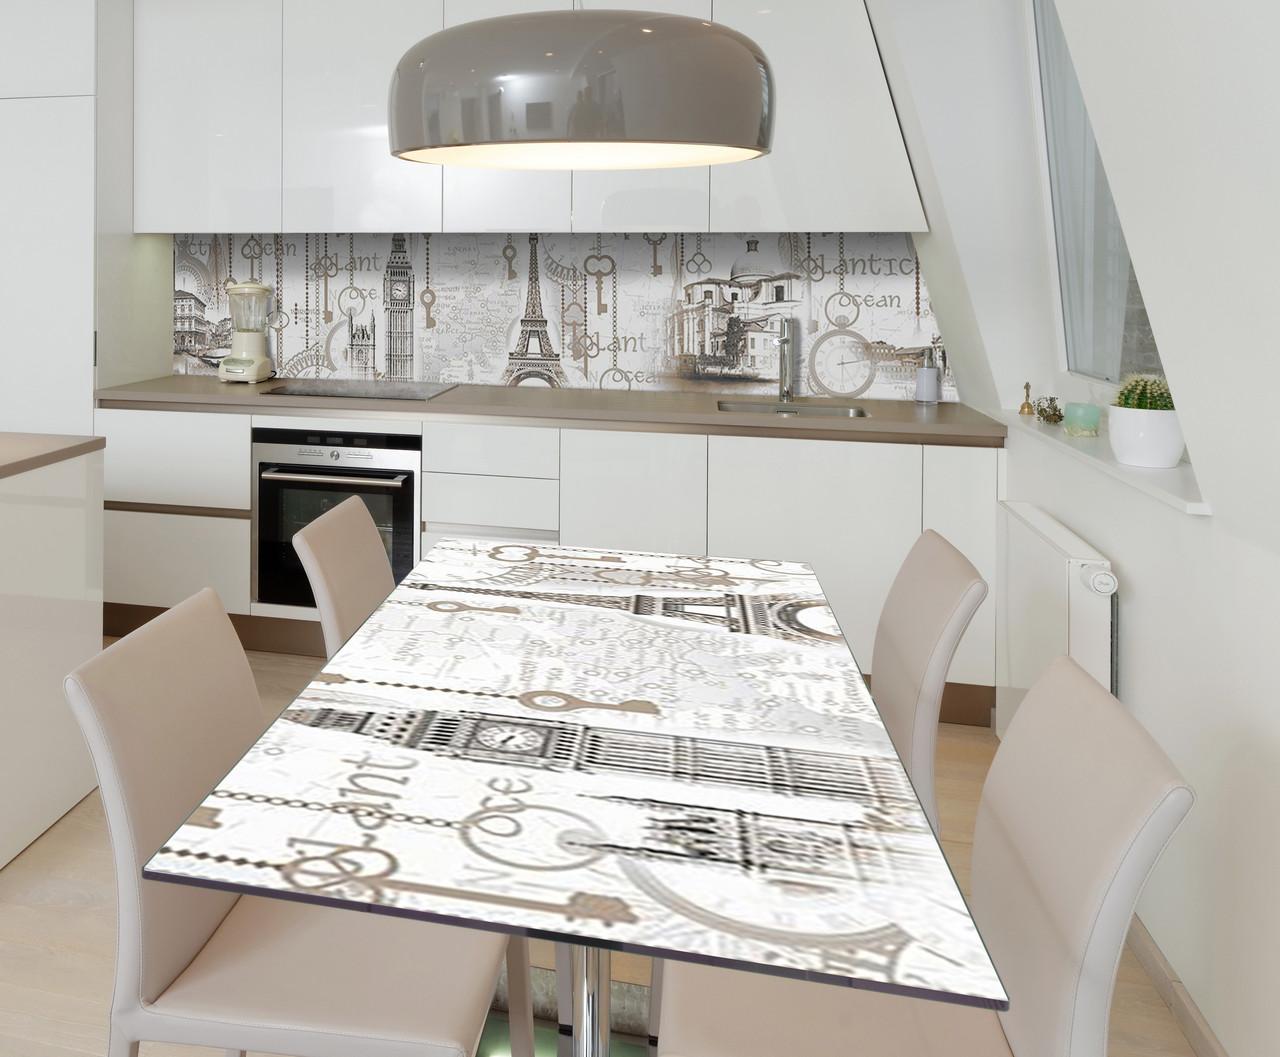 Наклейка 3Д виниловая на стол Zatarga «Культура» 650х1200 мм для домов, квартир, столов, кофейн, кафе